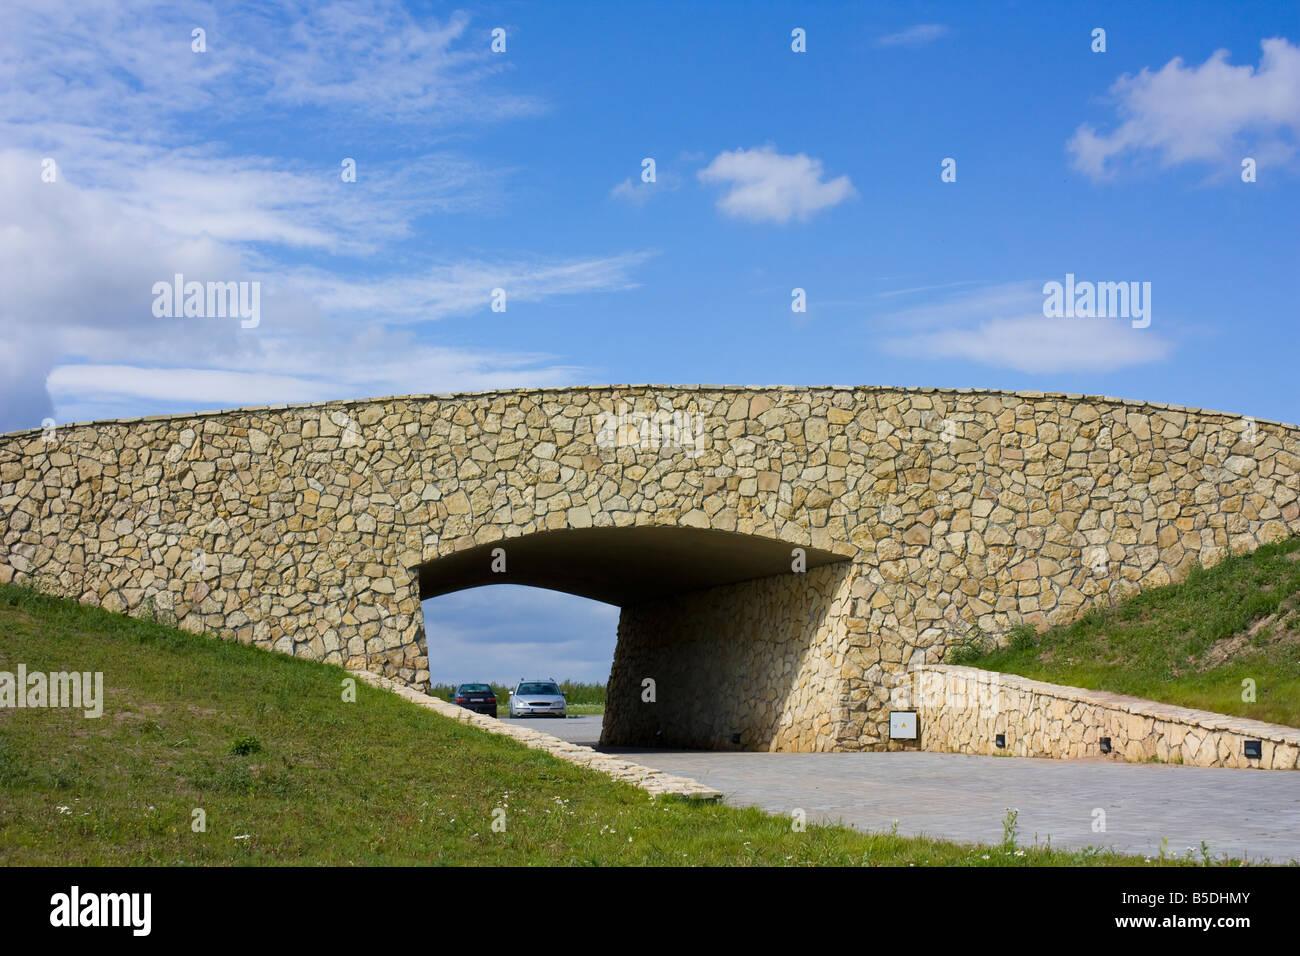 Stone Bridge - Stock Image